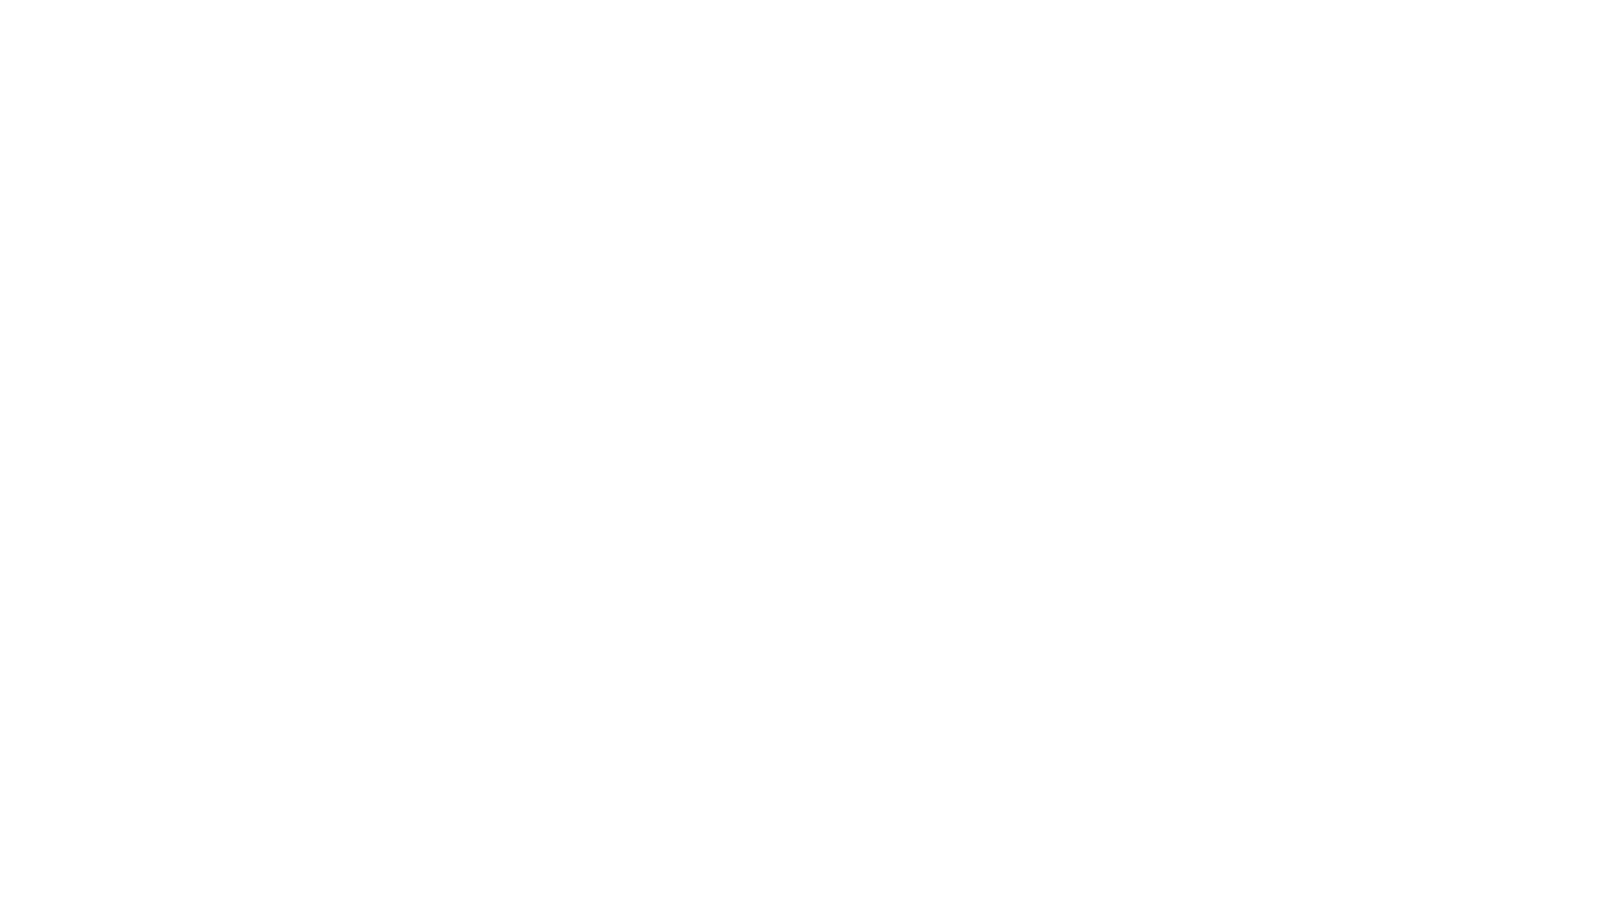 https://www.lericettedellacontea.it/pasta-sfoglia-zucchine/  La praticità della pasta sfoglia, permette di creare dei piatti semplici e gustosi. In questa ricetta l'ho preparata con le zucchine, fritte in padella con qualche foglia di menta e basilico. Sulla base ho utilizzato fette di provola dolce o affumicata, ma potete utilizzare le sottilette o qualche altro tipo di formaggio tenero e saporito. Vediamo come prepararla.  Pasta sfoglia con zucchine.